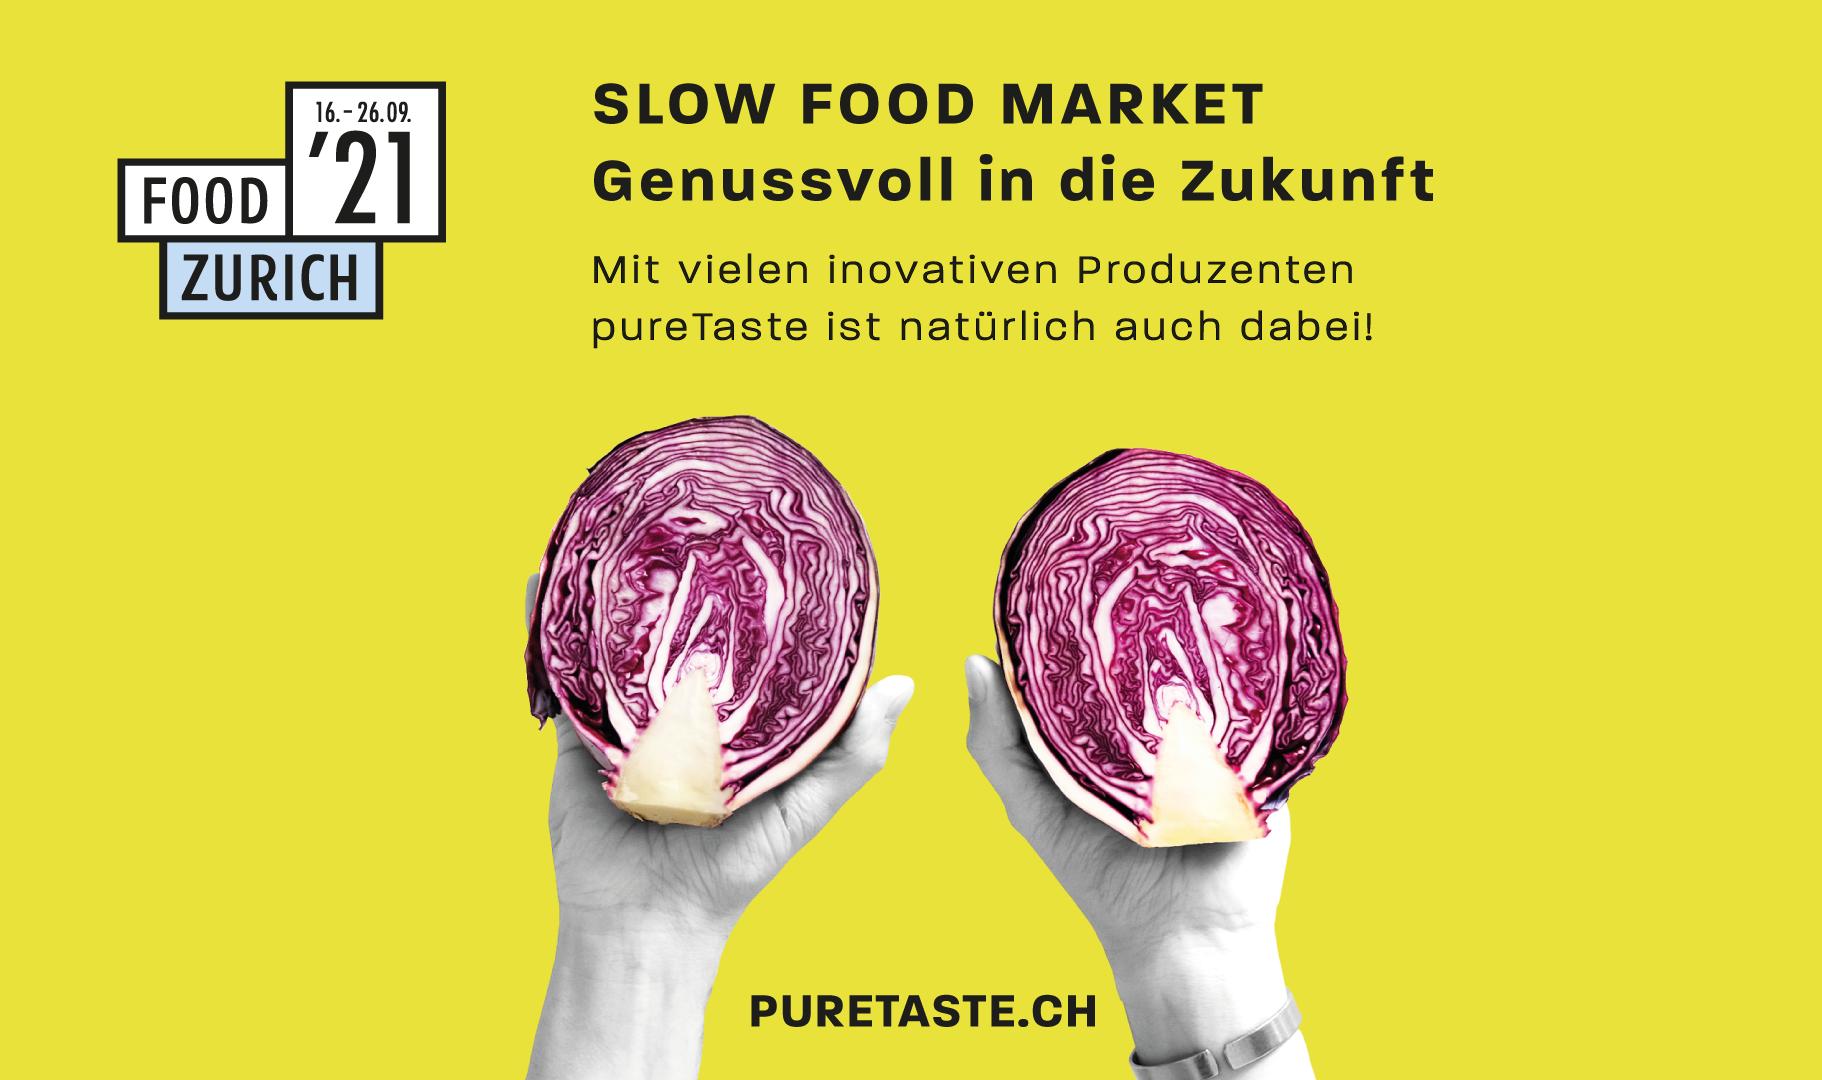 Food Zurich 21 – Slow Food Market